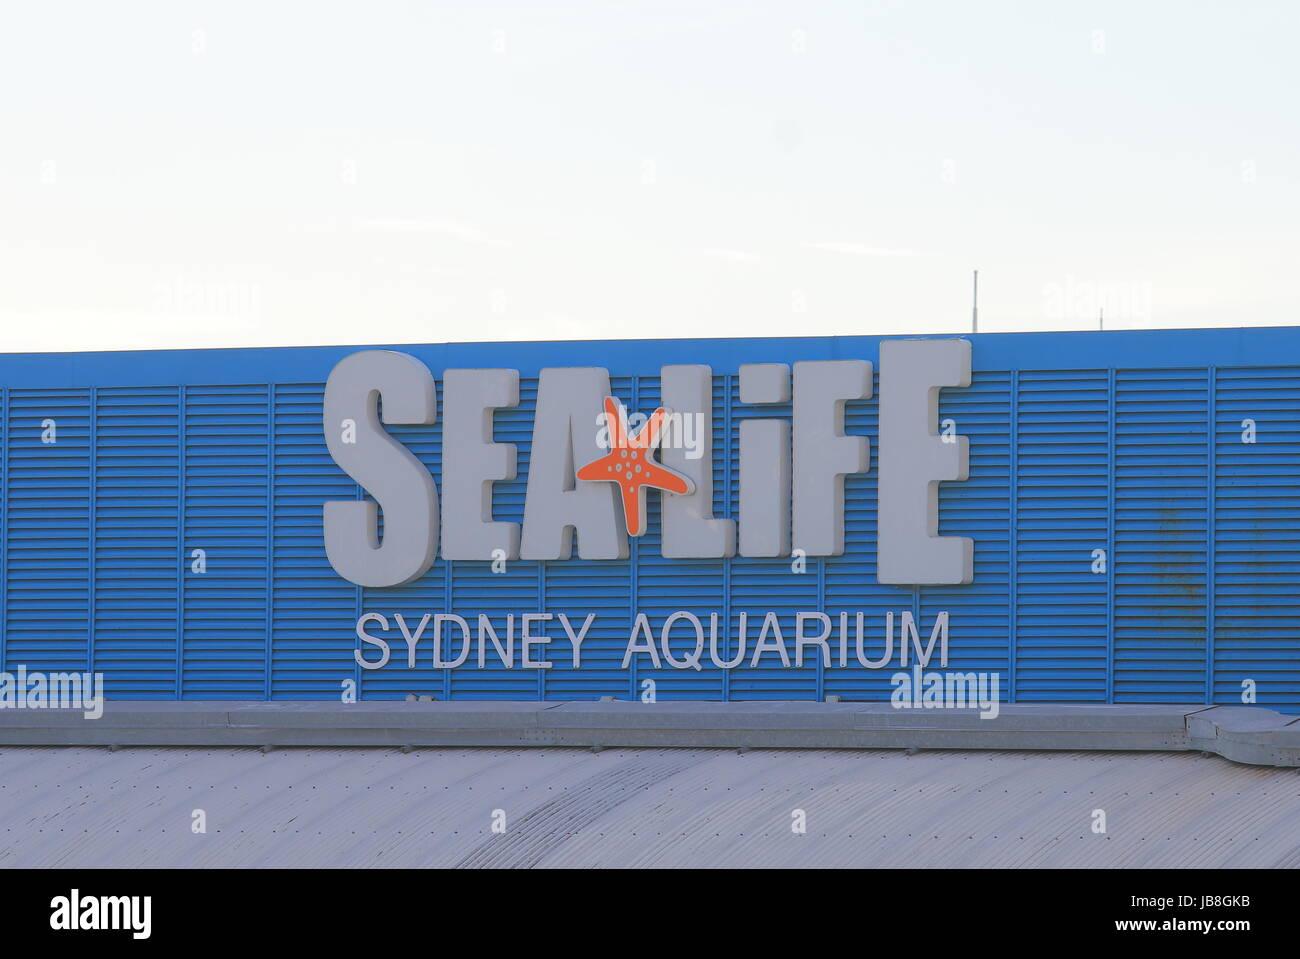 Sea Life aquarium in Sydney Australia. Sea Life aquarium is one of the most popular tourist attractions in Sydney. - Stock Image